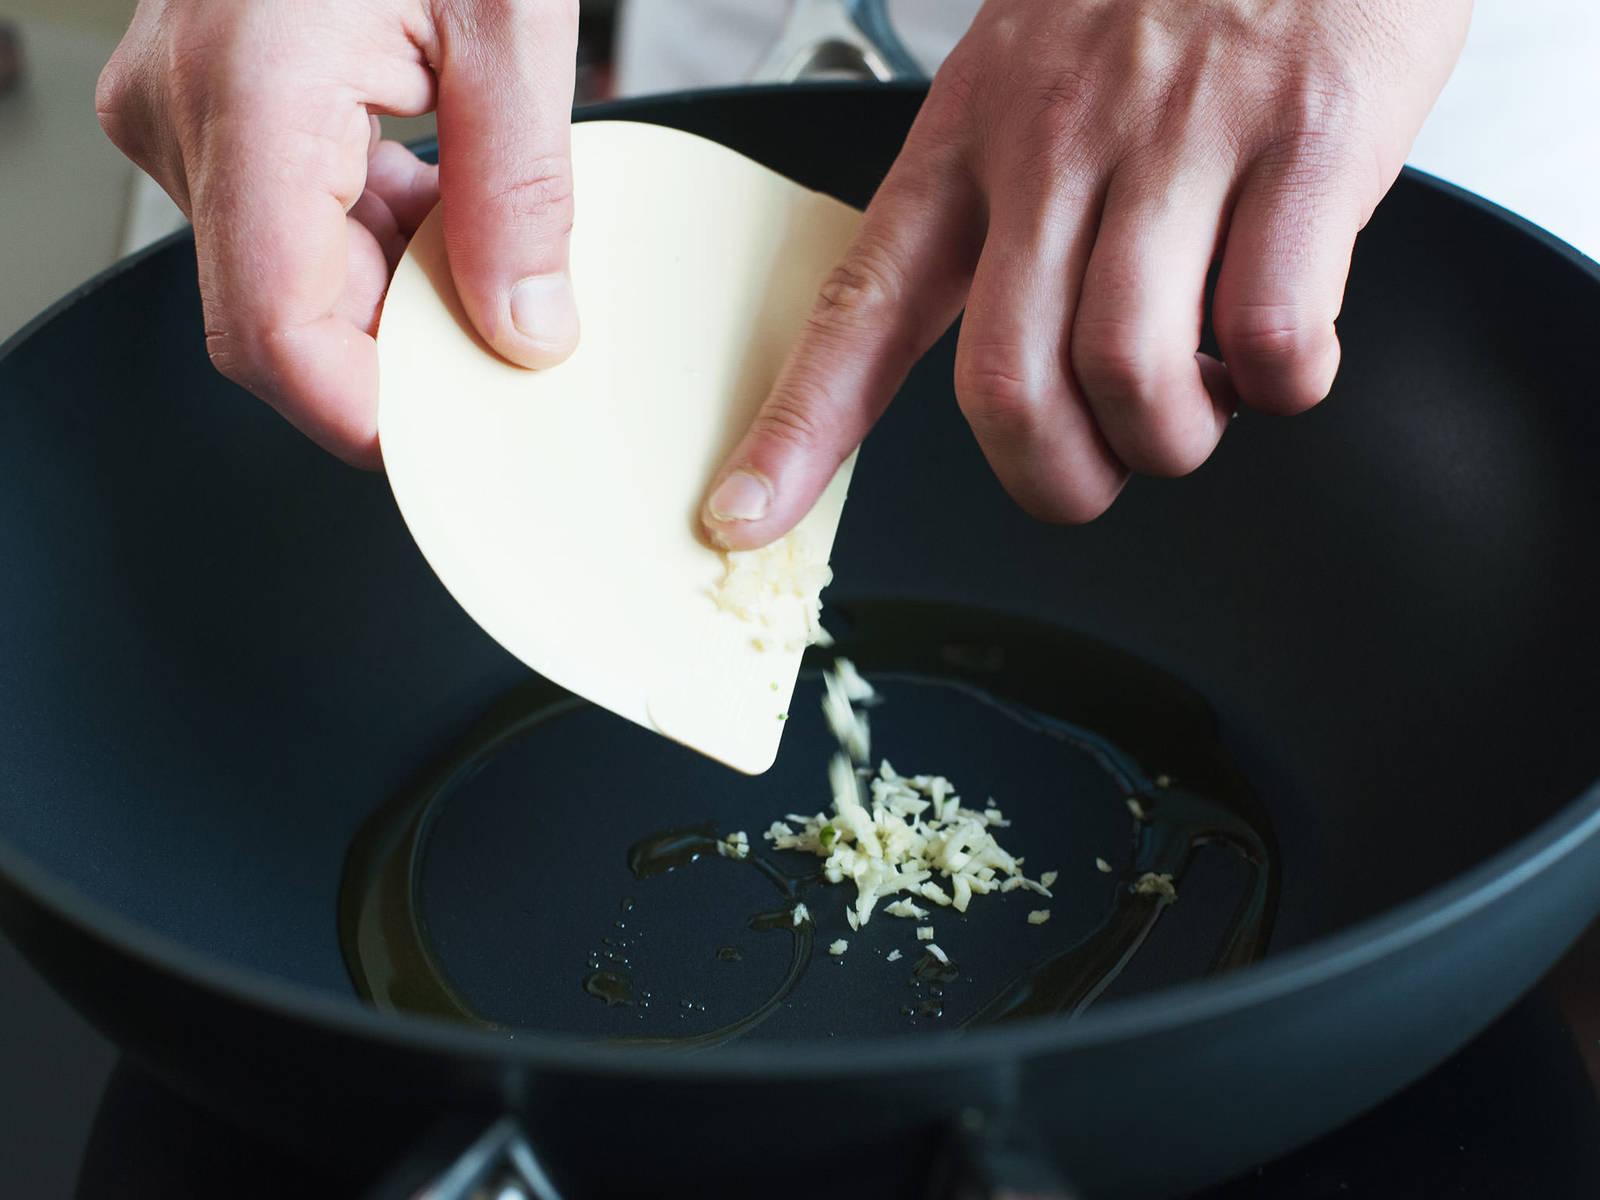 在大煎锅中,中火加热些许橄榄油后,倒入蒜末,翻炒1-2分钟,直至蒜末开始变棕色。小心别让蒜炒焦了。